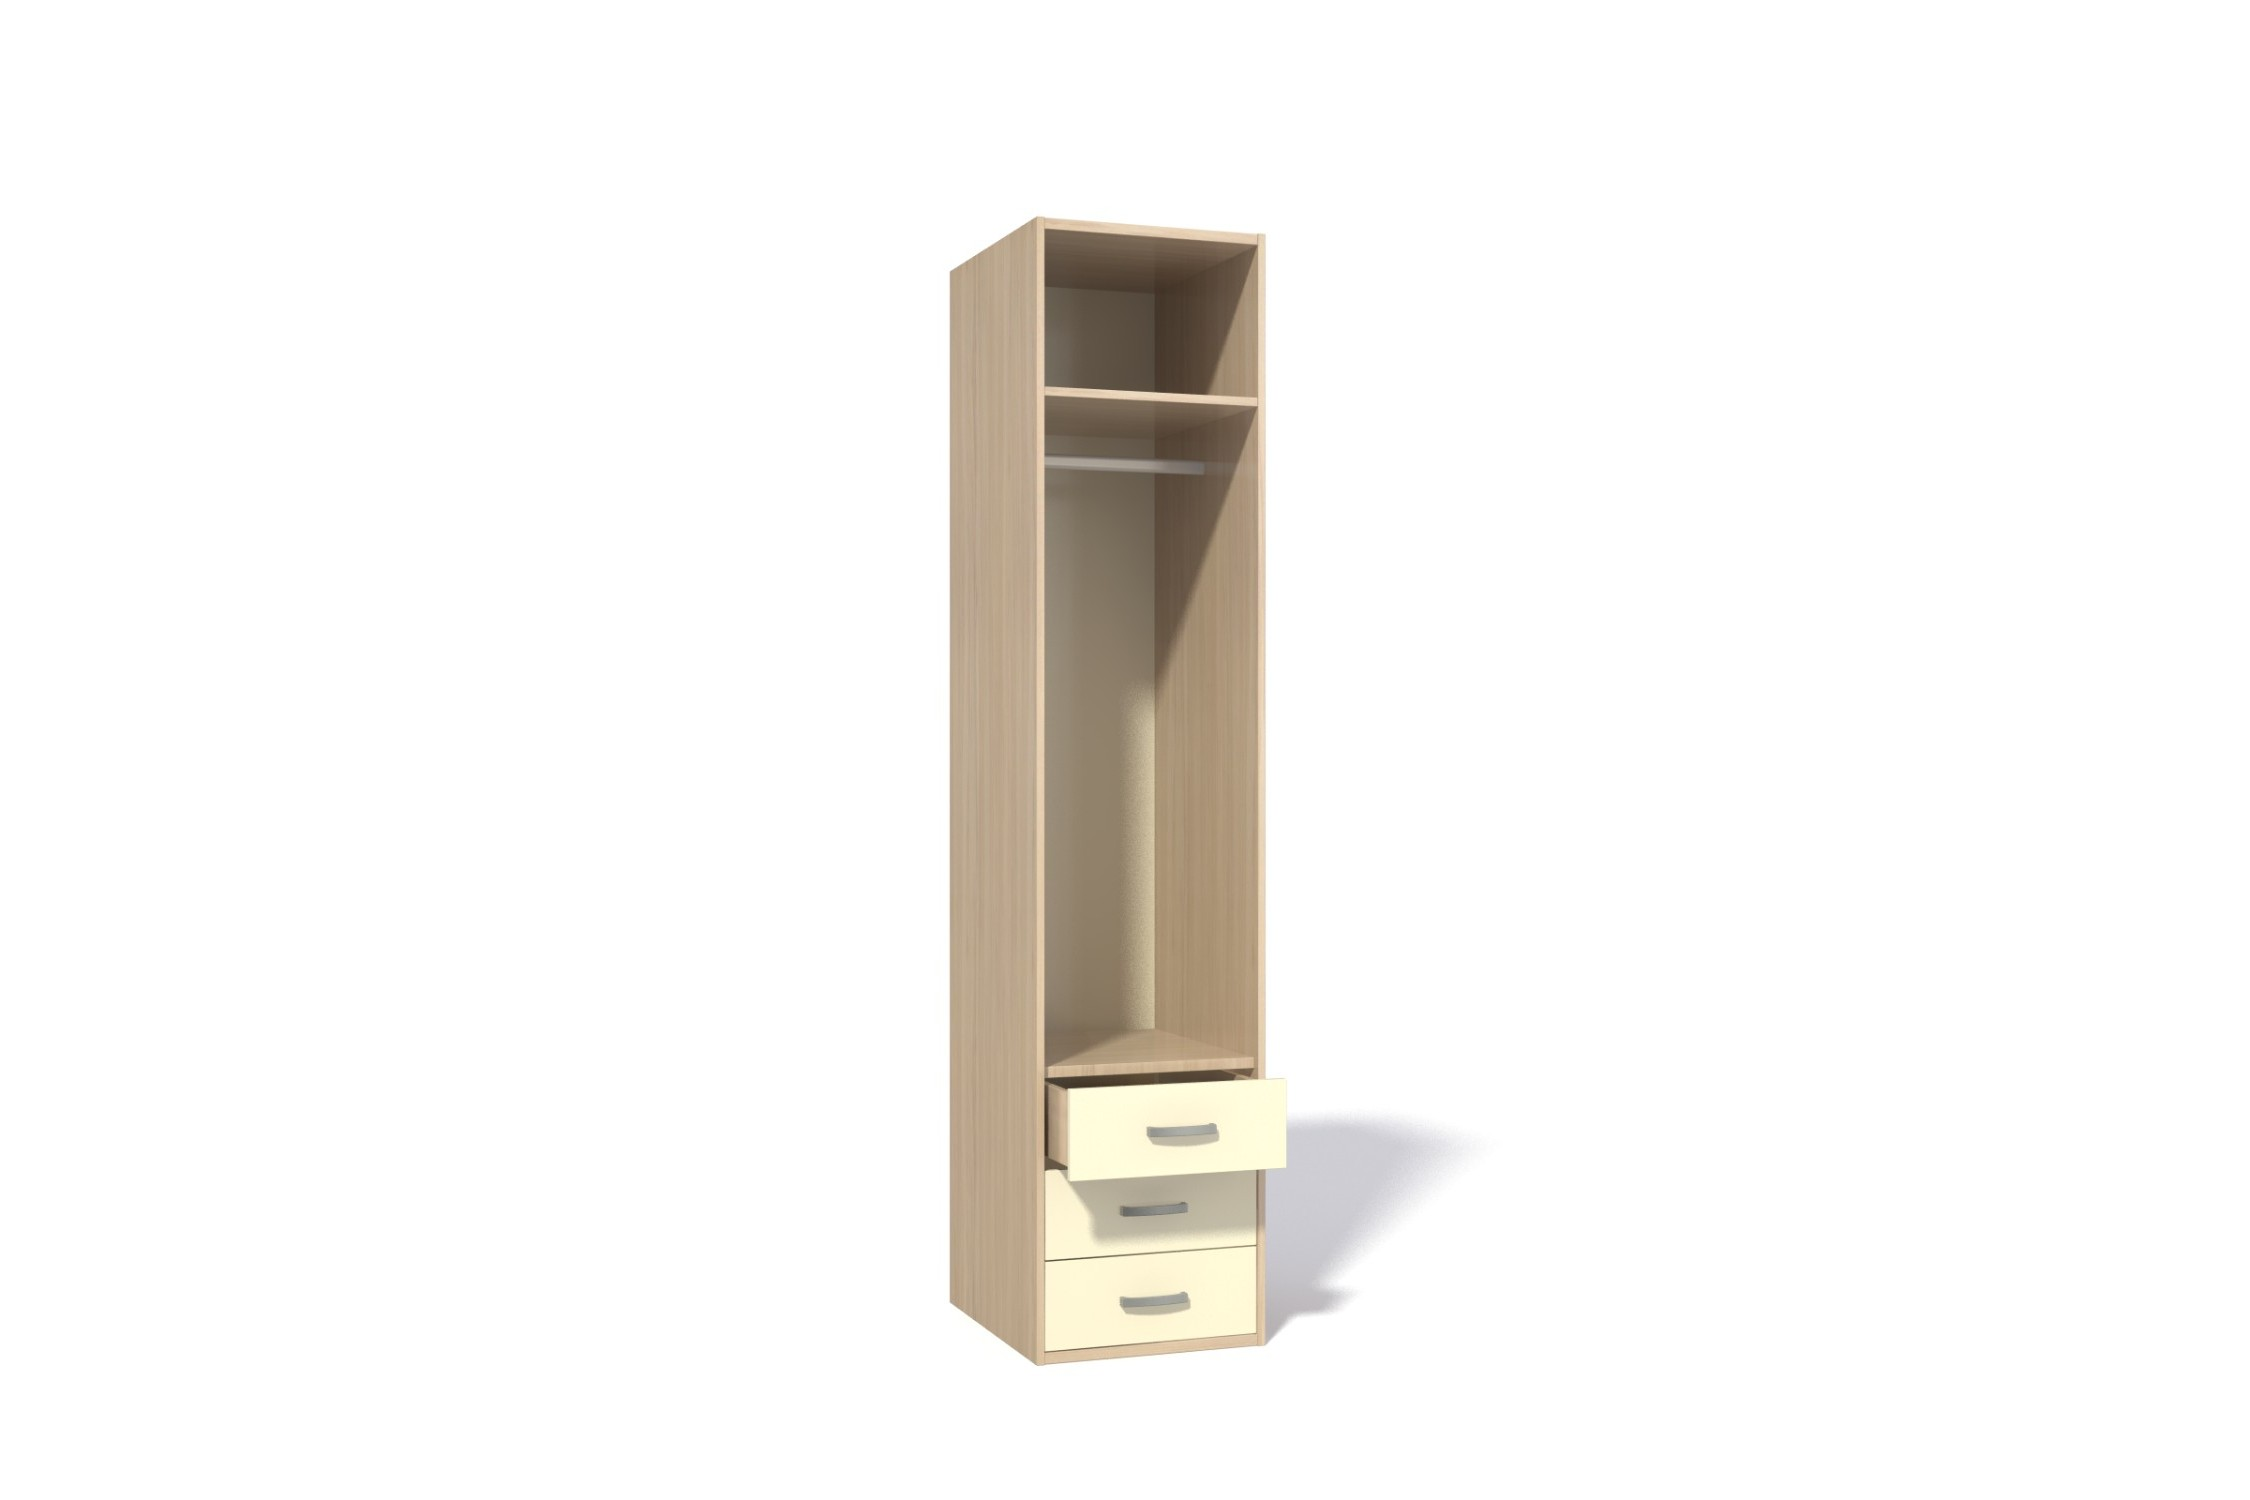 Шкаф Модус 210.05_01 Ангстрем от Ангстрем